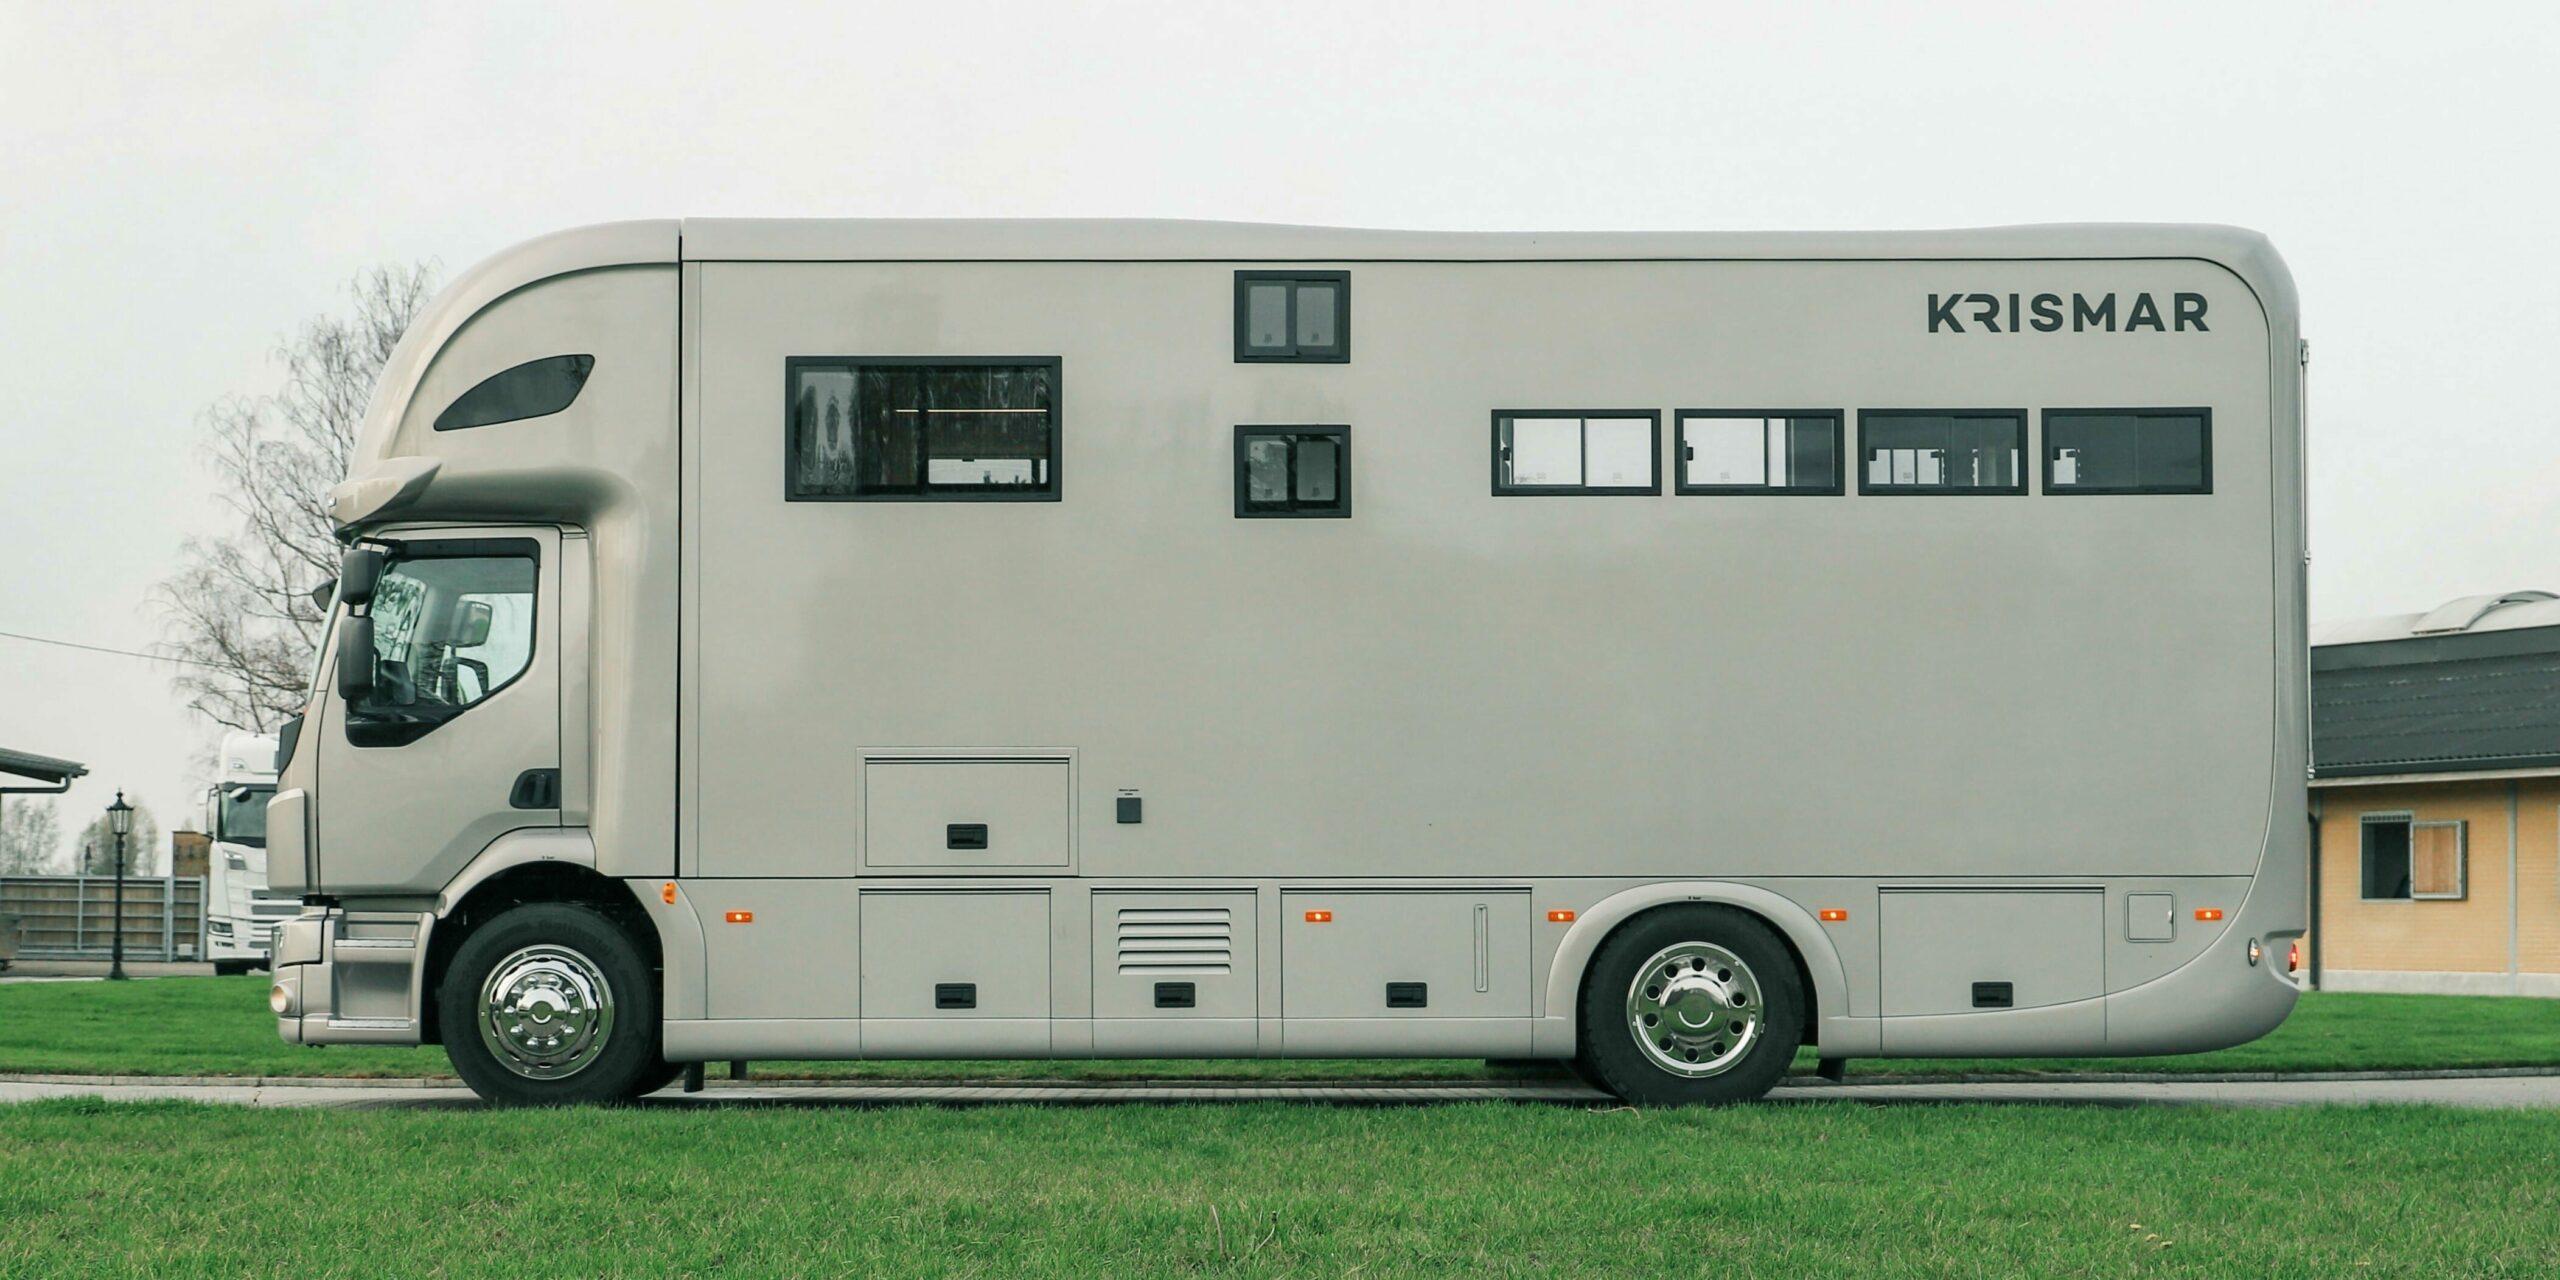 Krismar paardenvrachtwagen professional voor 4 paarden